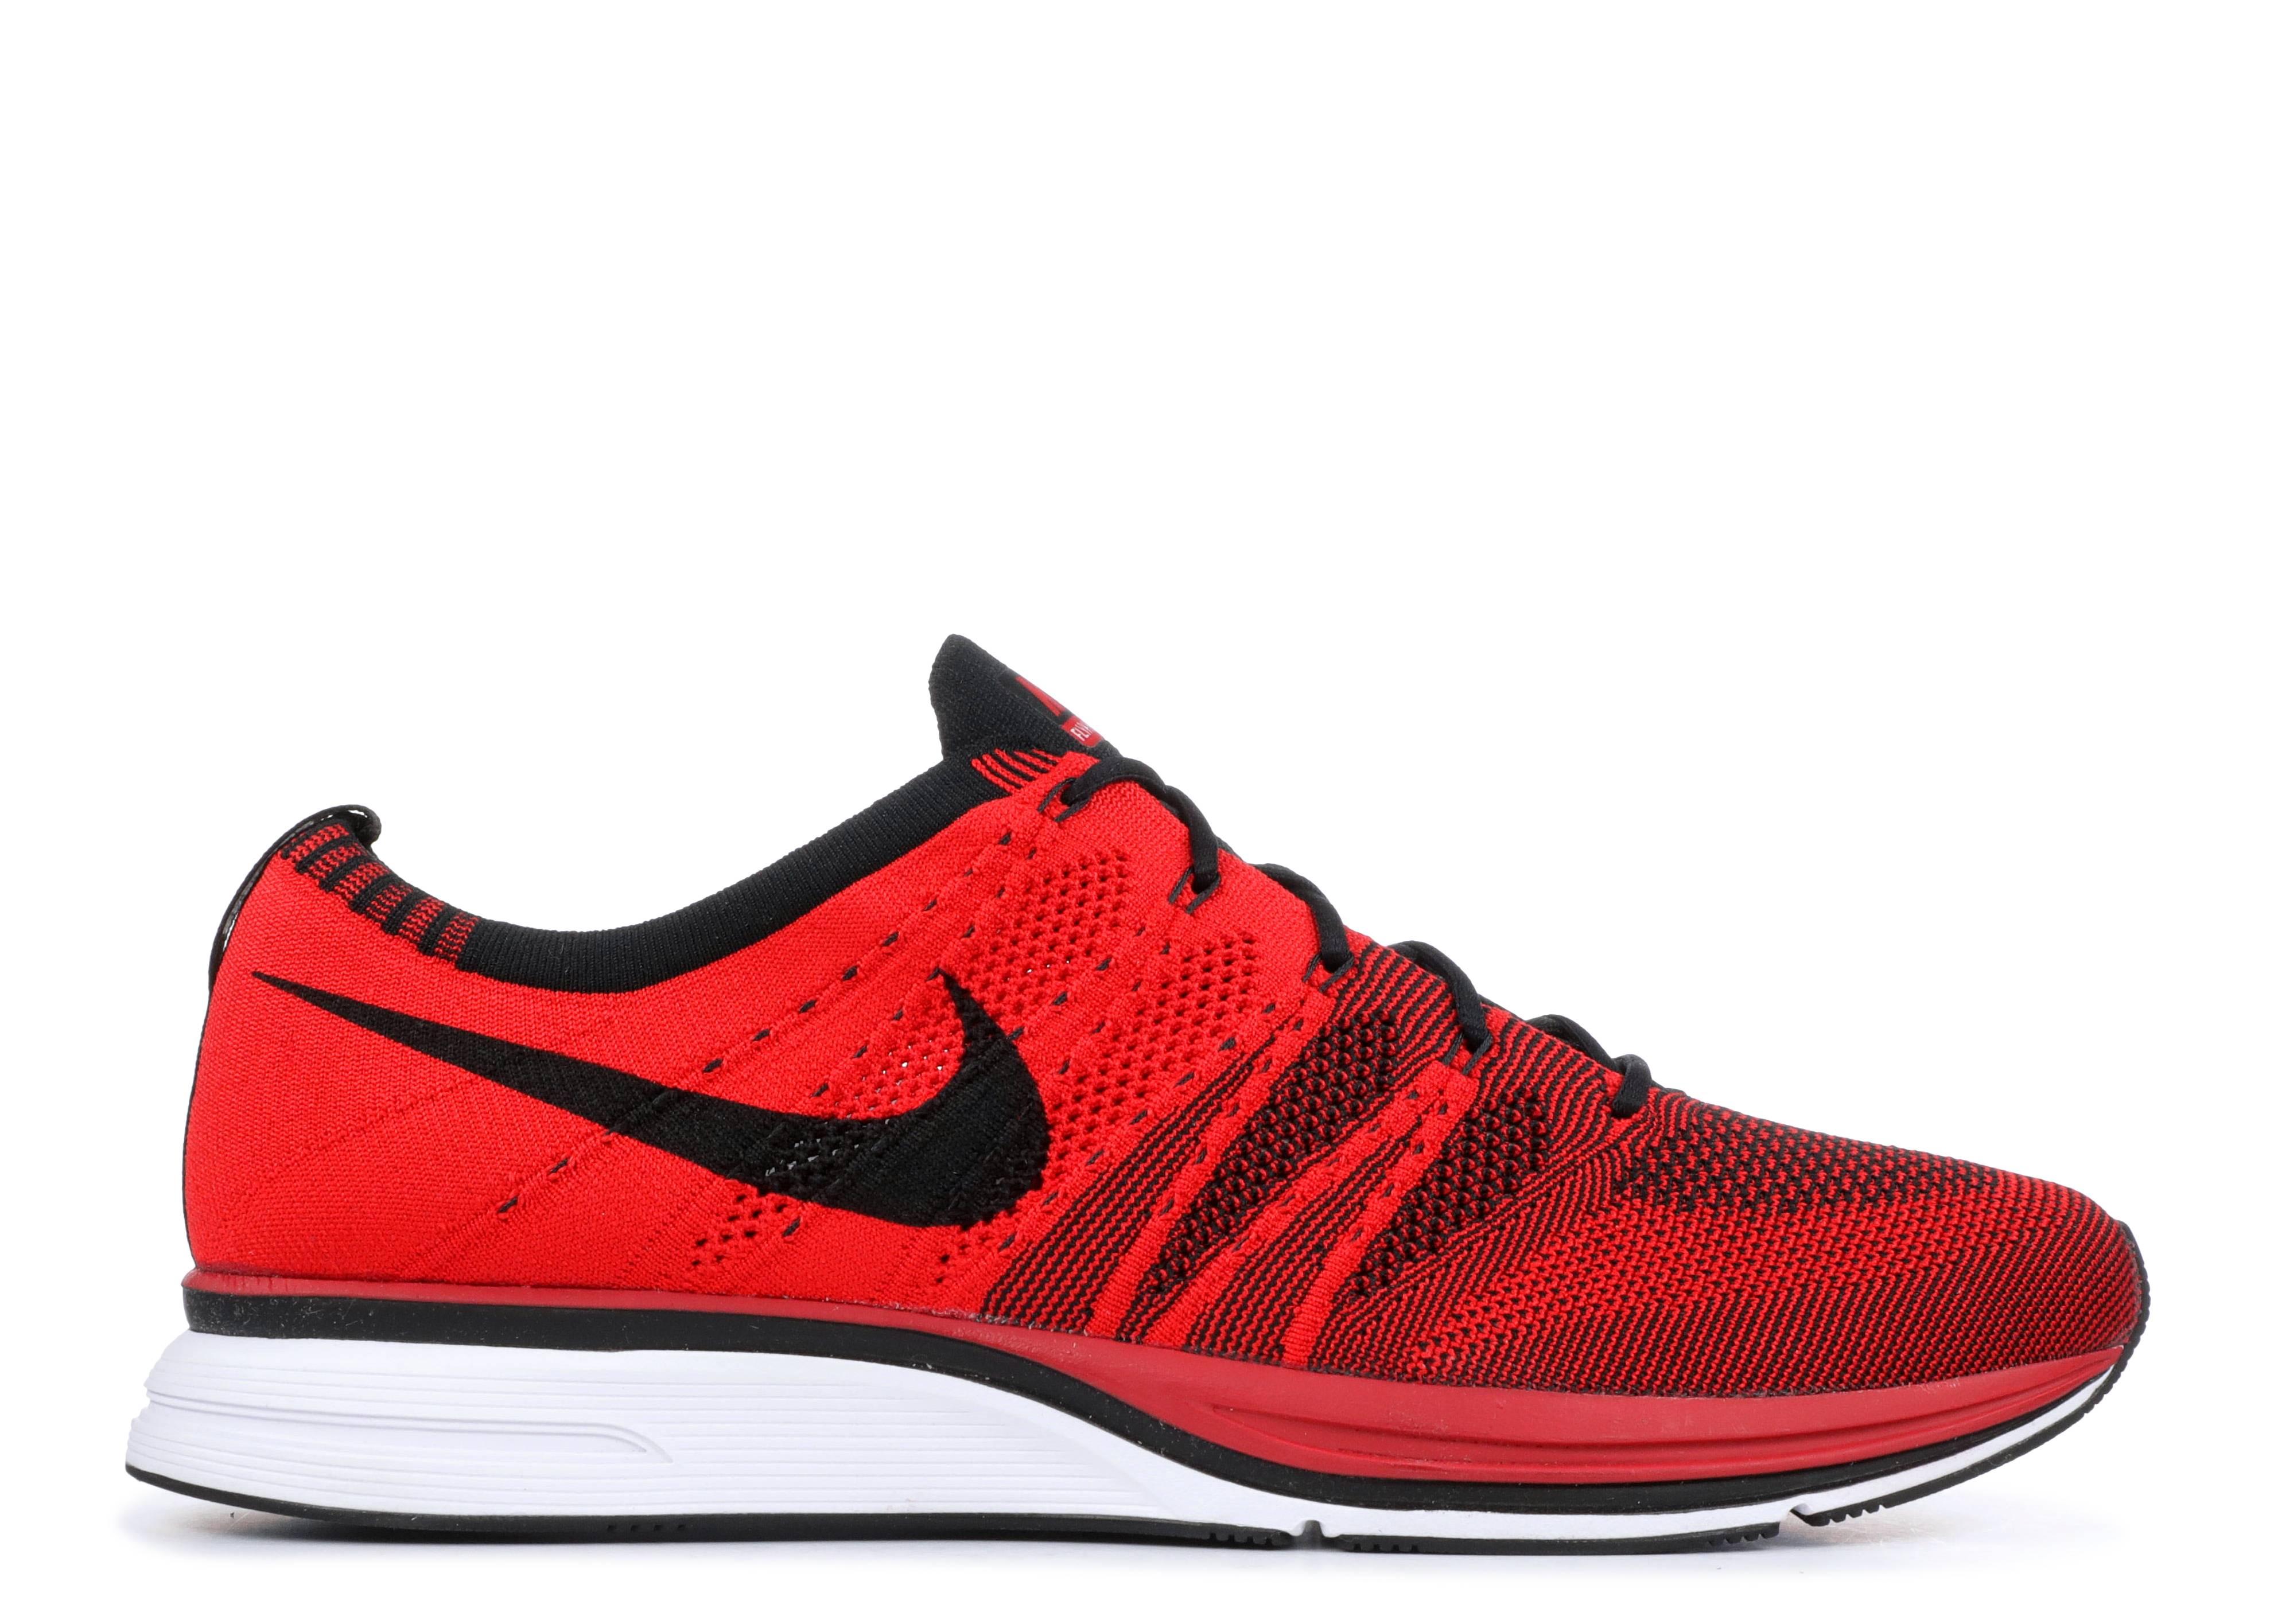 6386a394ec75 Nike Flyknit Trainer - Nike - ah8396 601 - university red black ...